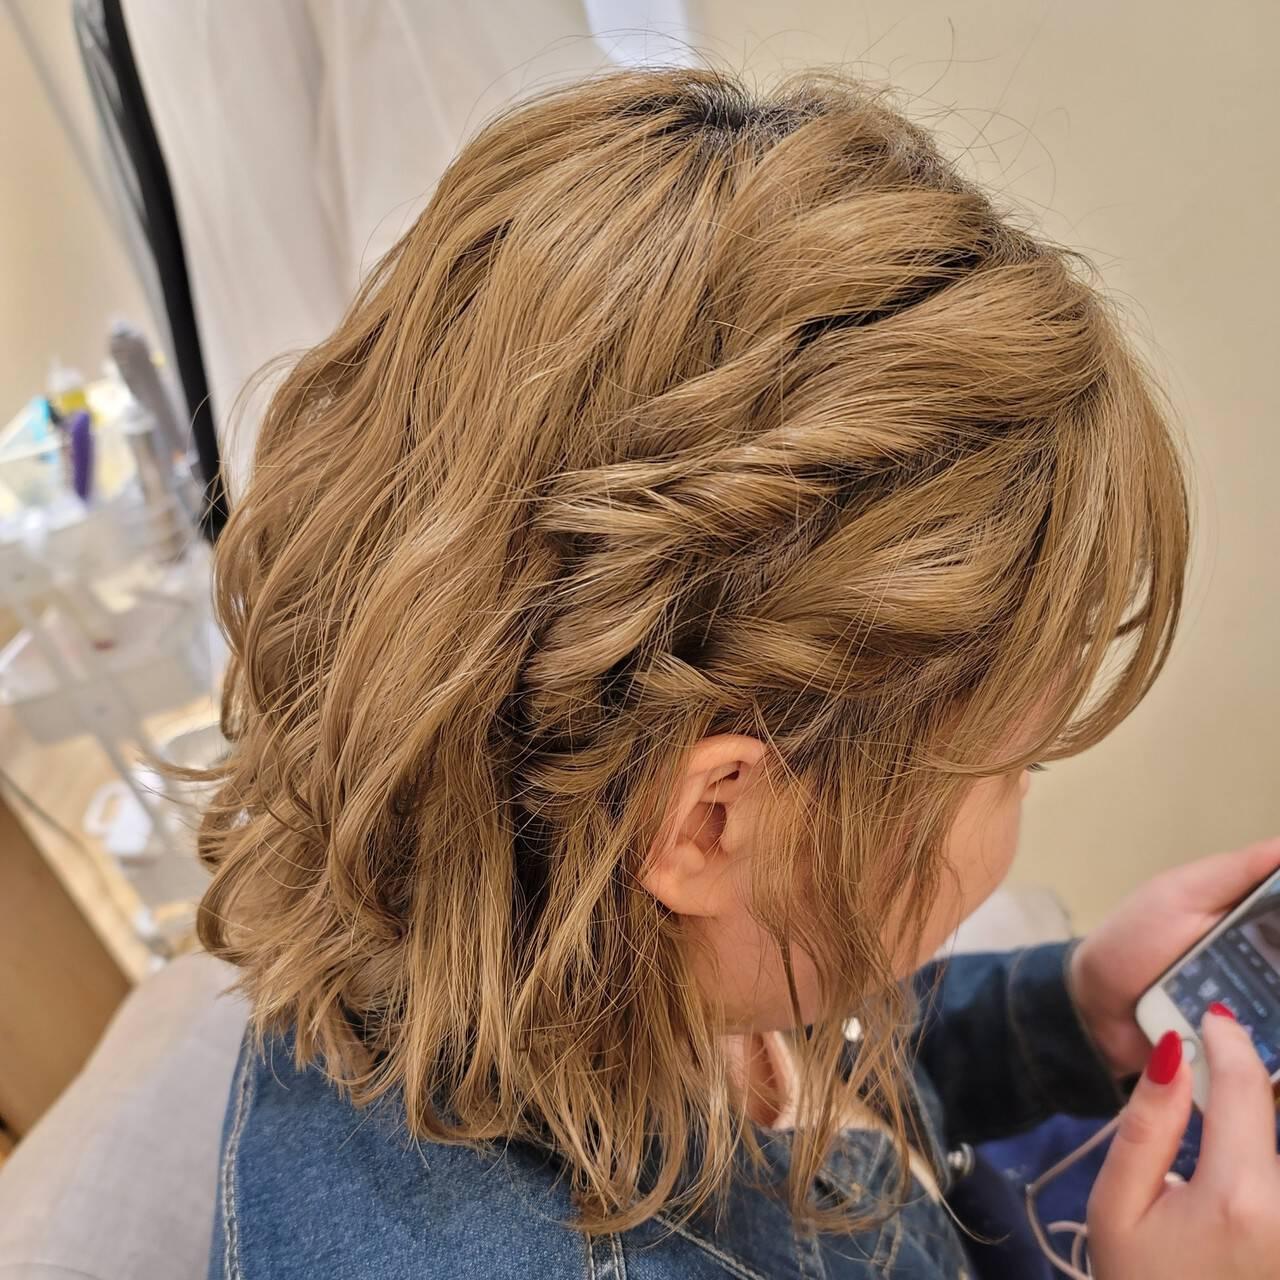 ボブアレンジ 簡単ヘアアレンジ ボブ ガーリーヘアスタイルや髪型の写真・画像